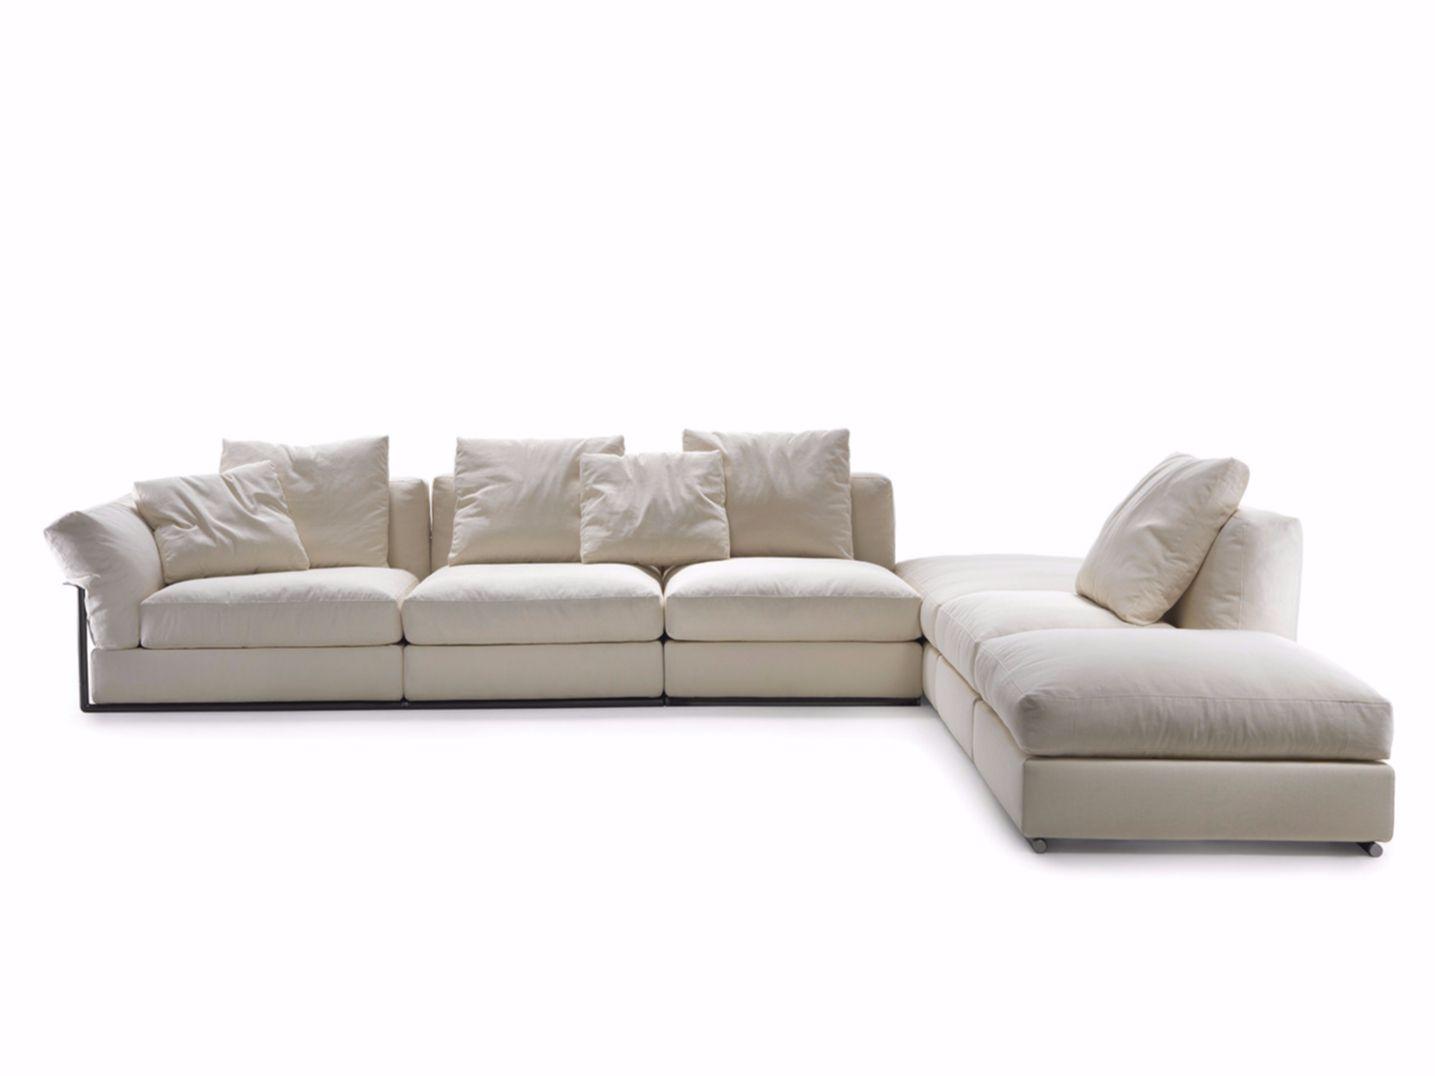 Zeno divano angolare collezione zeno by flexform design - Divano componibile angolare ...